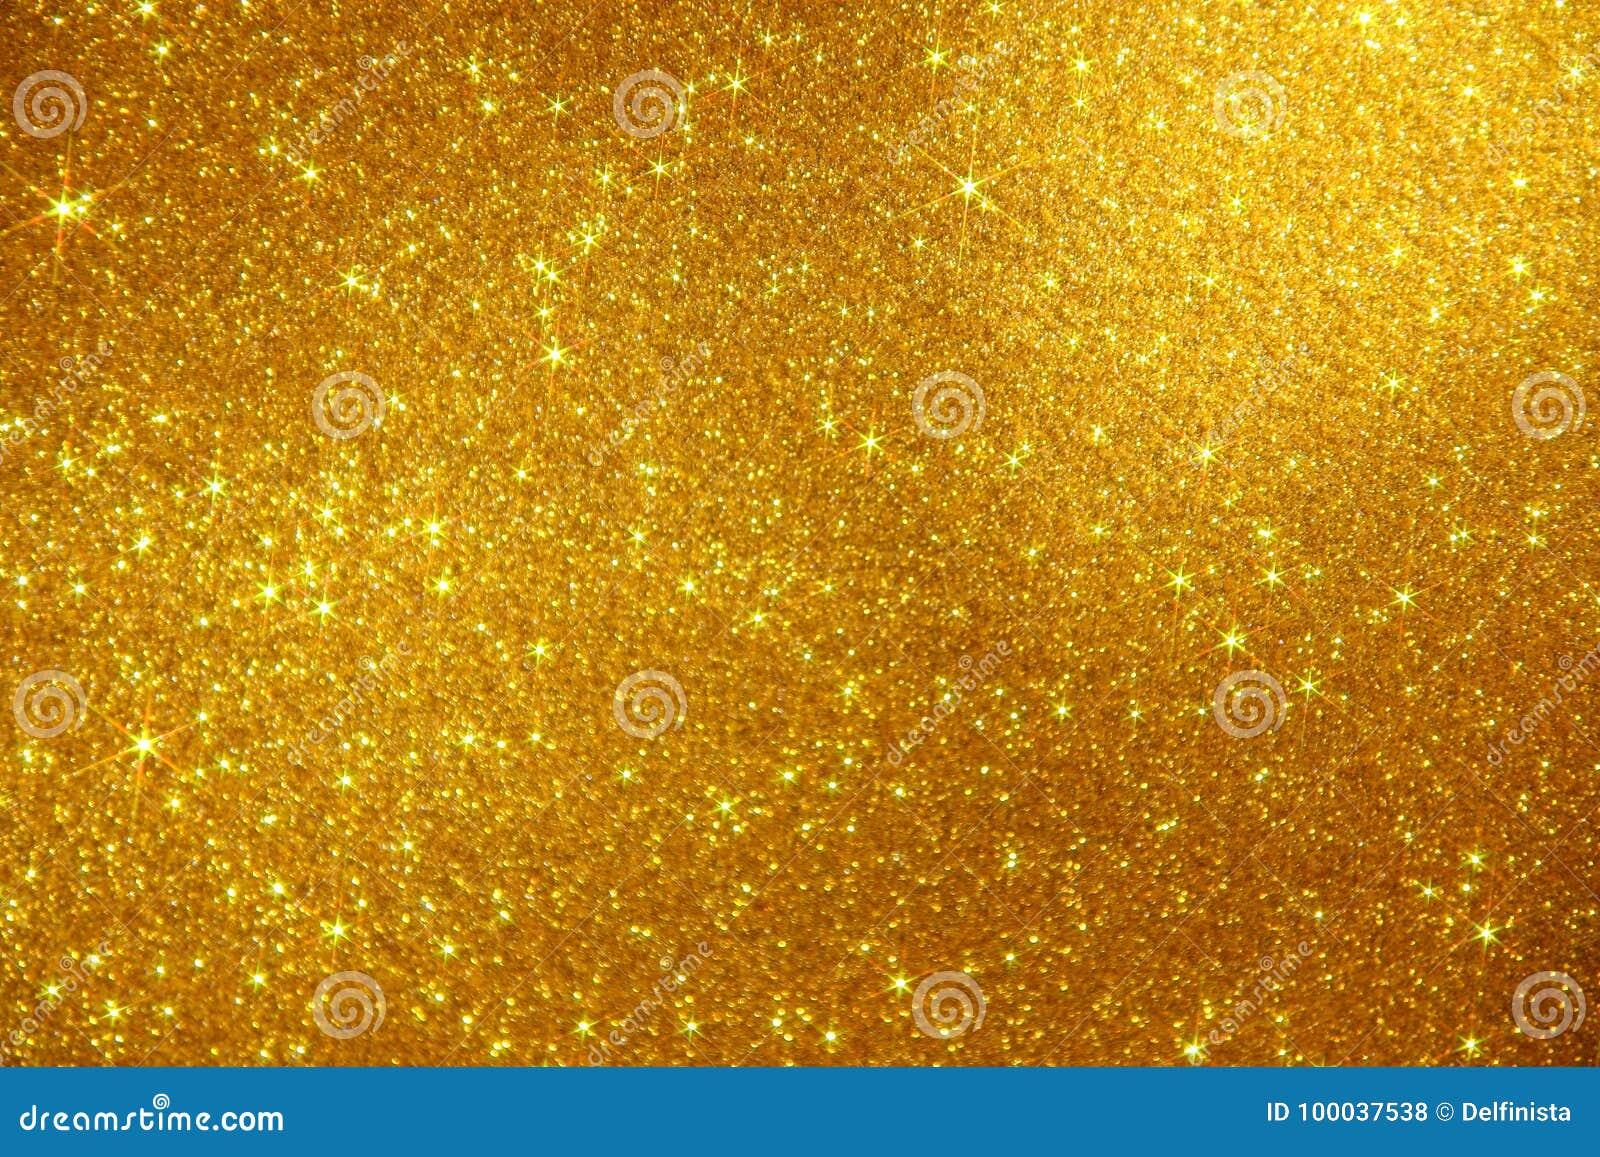 Guld blänker stjärnagnistrandebakgrund - materielfoto